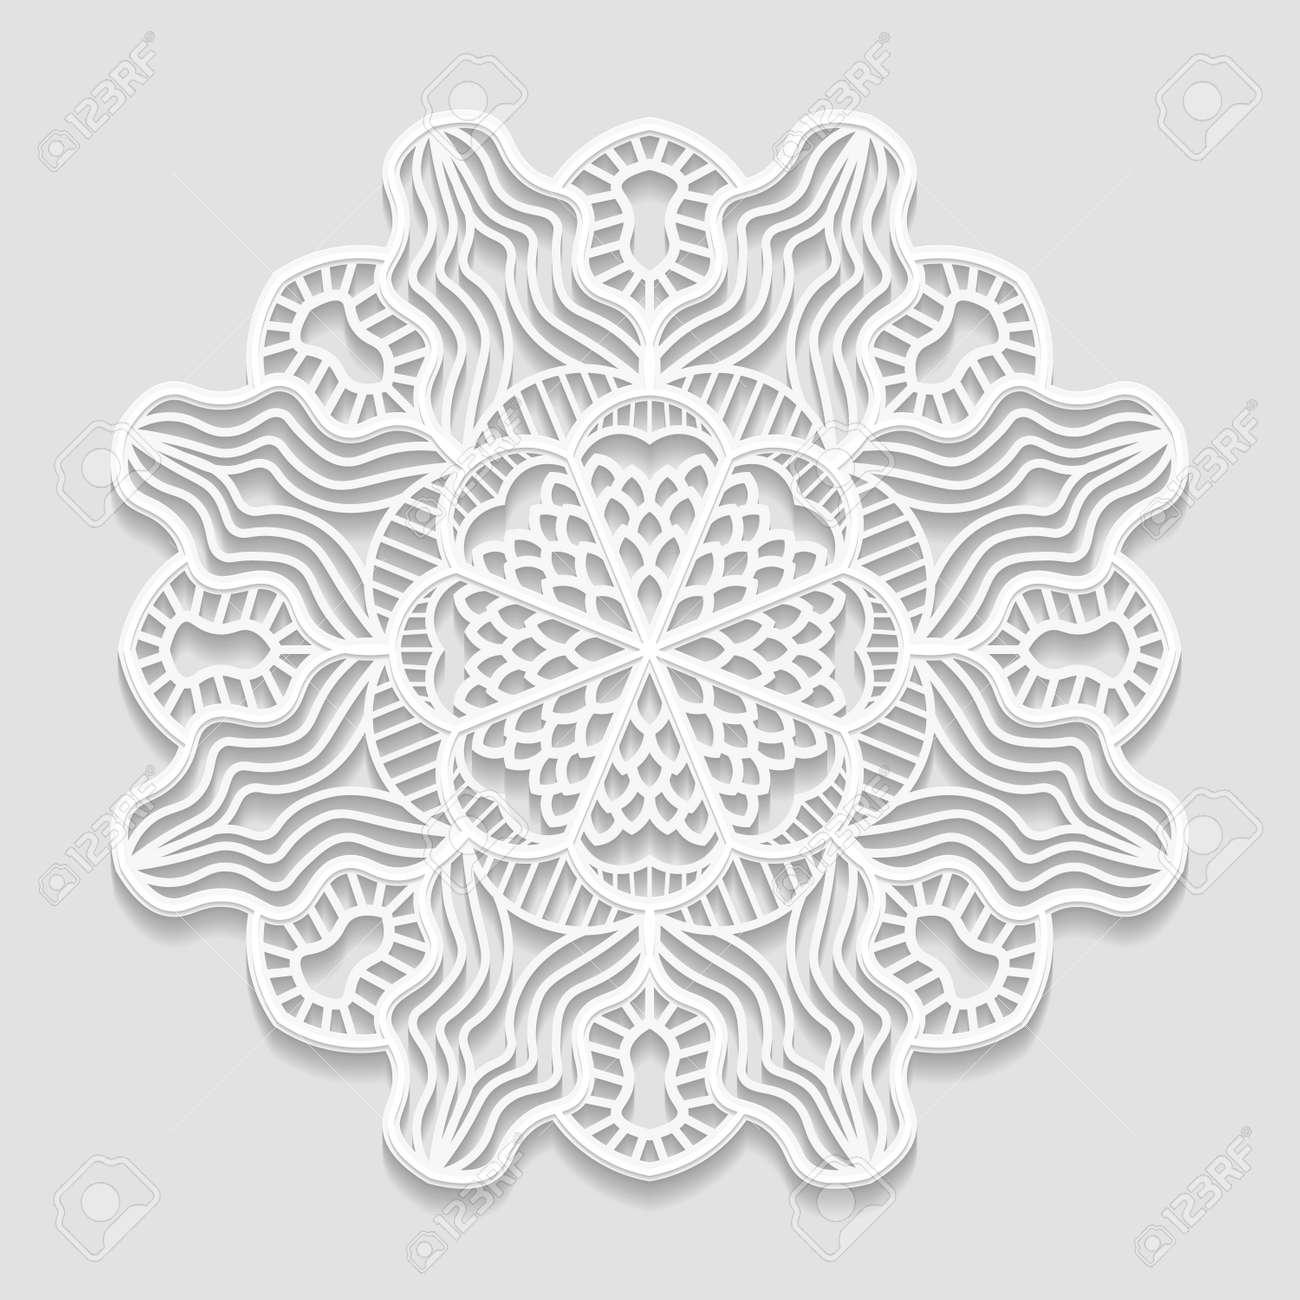 Tapete De Papel De Encaje, Flor Decorativa, Copo De Nieve Decorativo ...